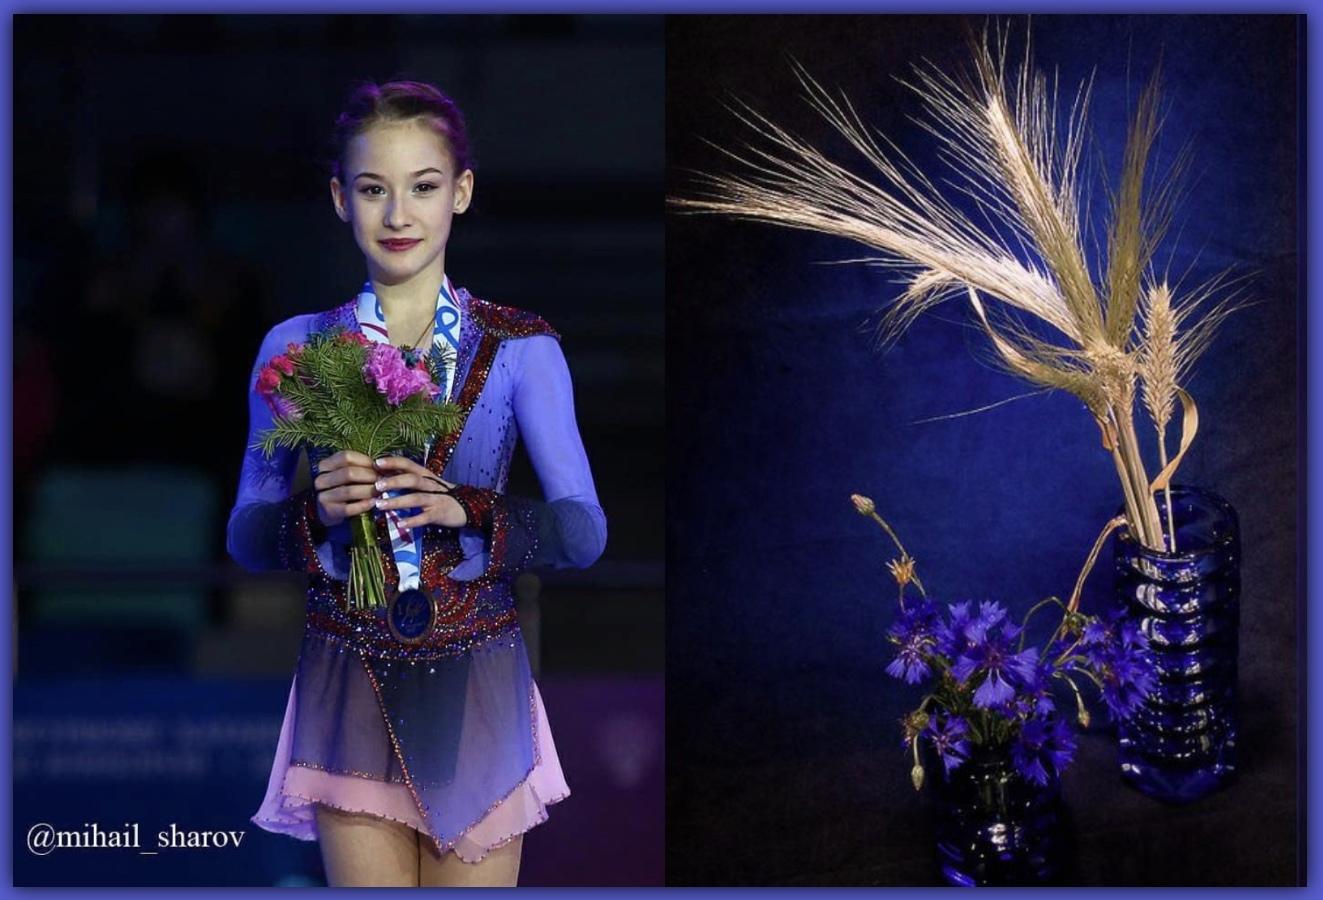 Ода цветам и фигуристам. Международный день цветов